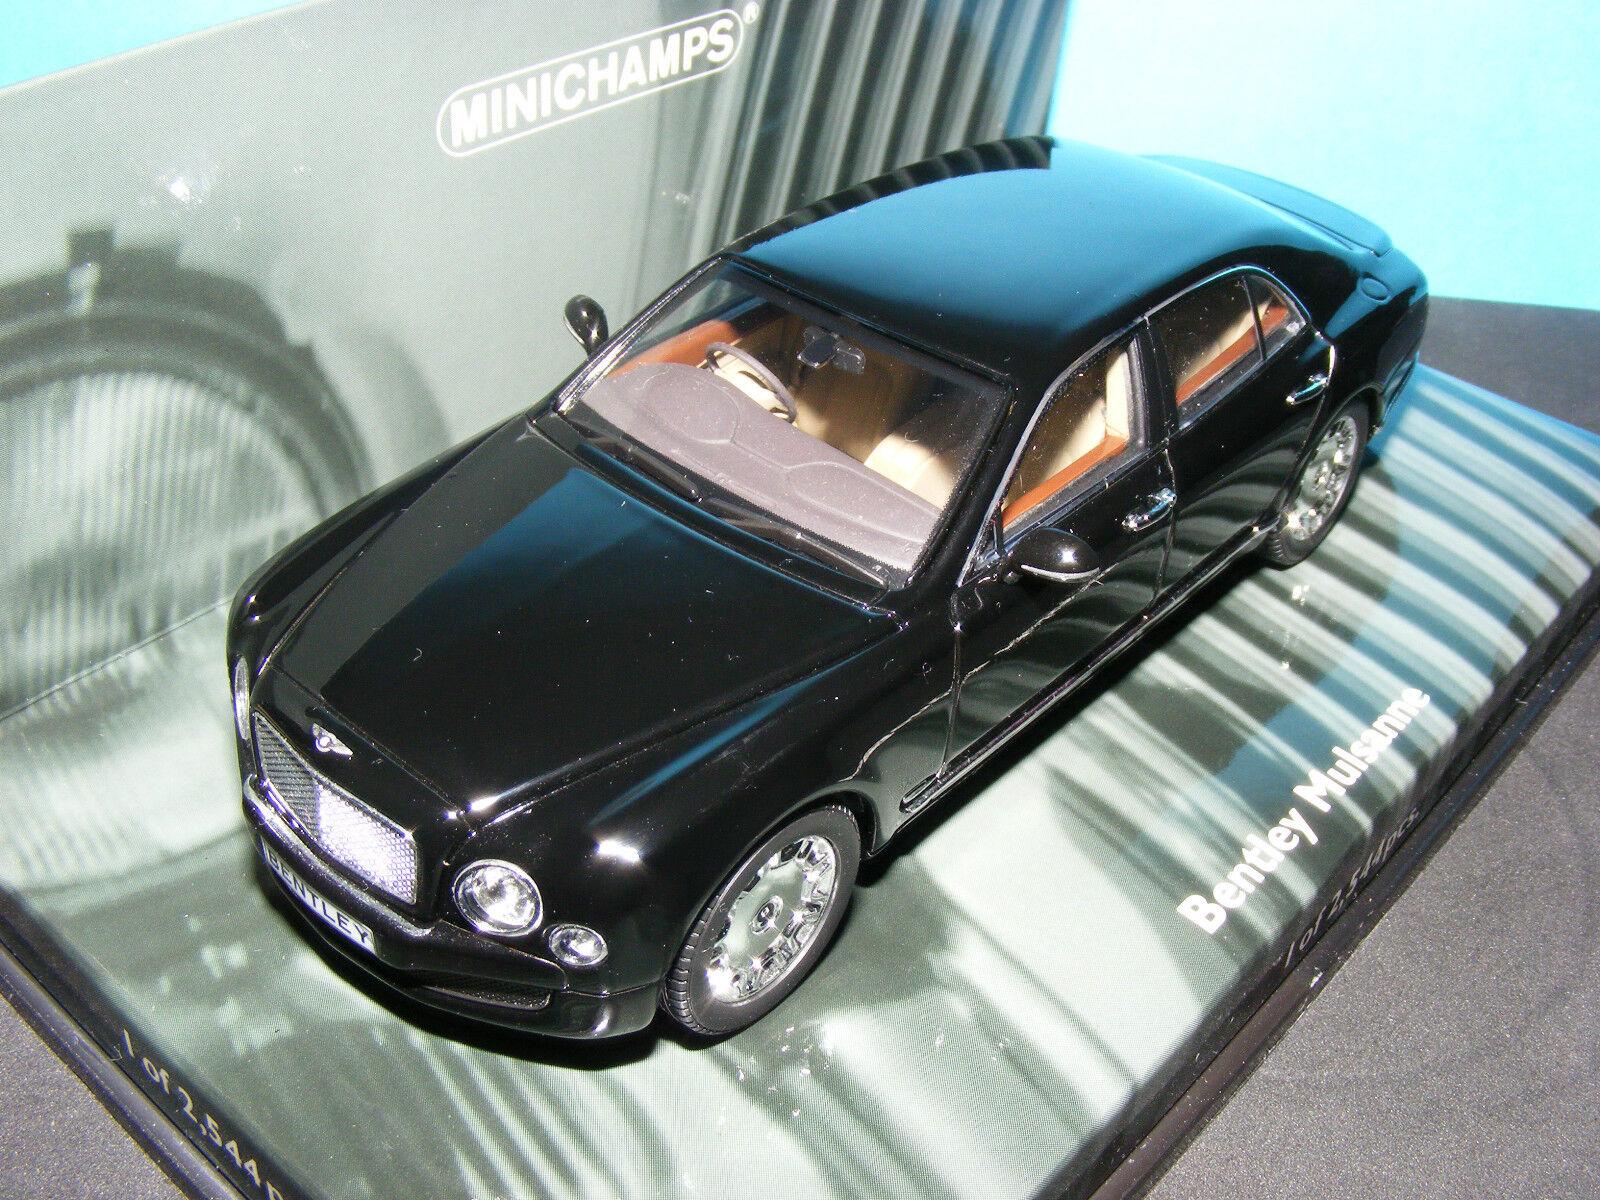 Bentley Mulsanne 2010 SUPERBE NLA NLA NLA très rare MINICHAMPS 436139900 1 of 2544 pcs   Outlet Online  bddb3a